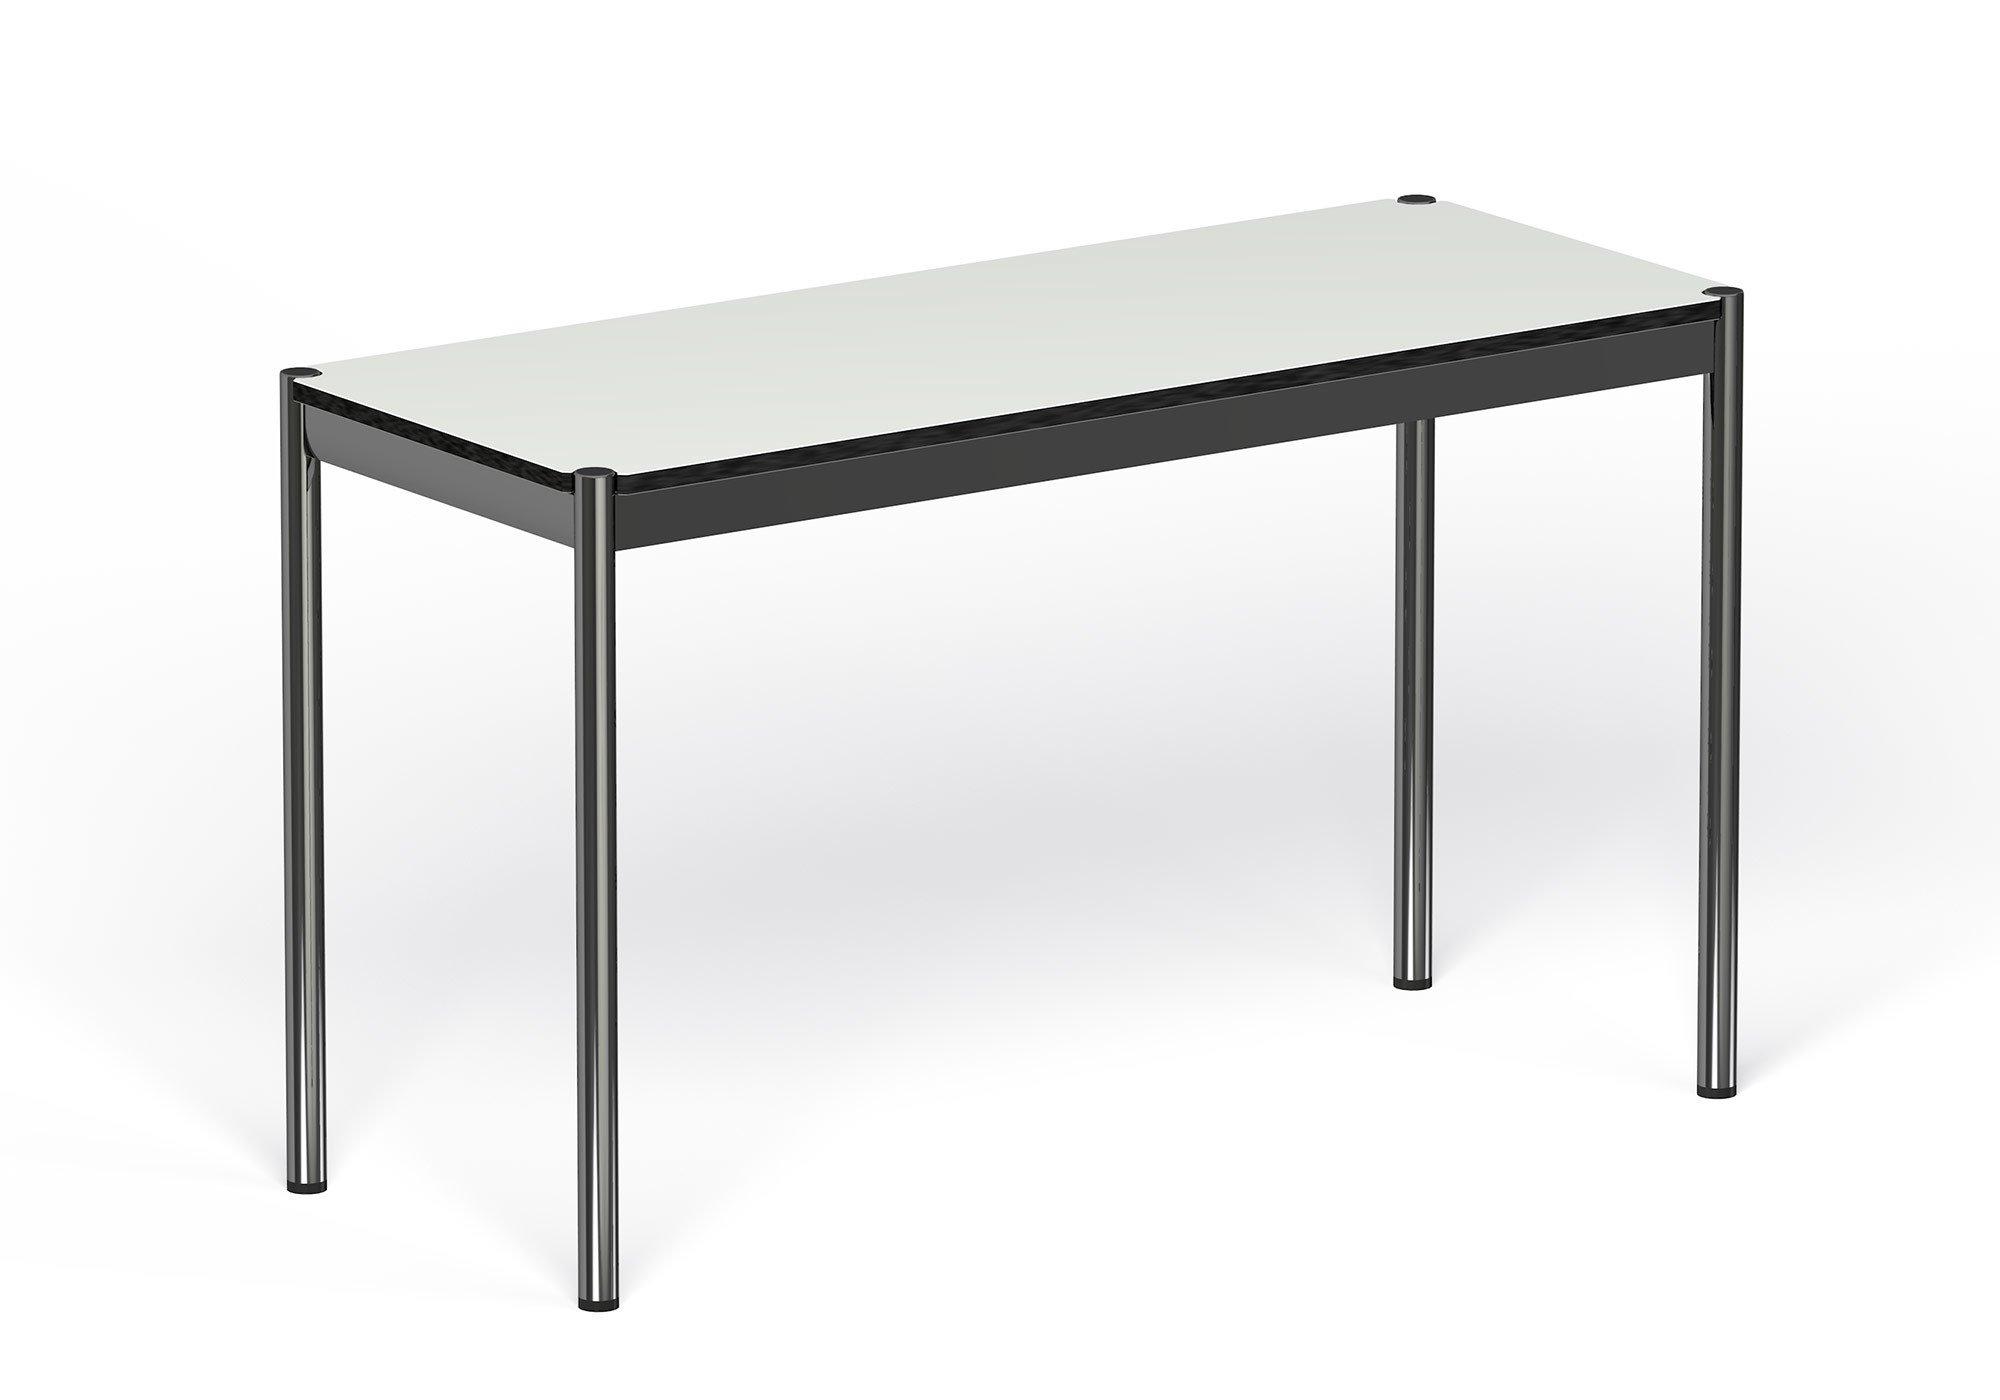 USM Haller Tisch schmal: Kunstharz, Perlgrau. Maße: L: 1250, T: 500, H: 740mm